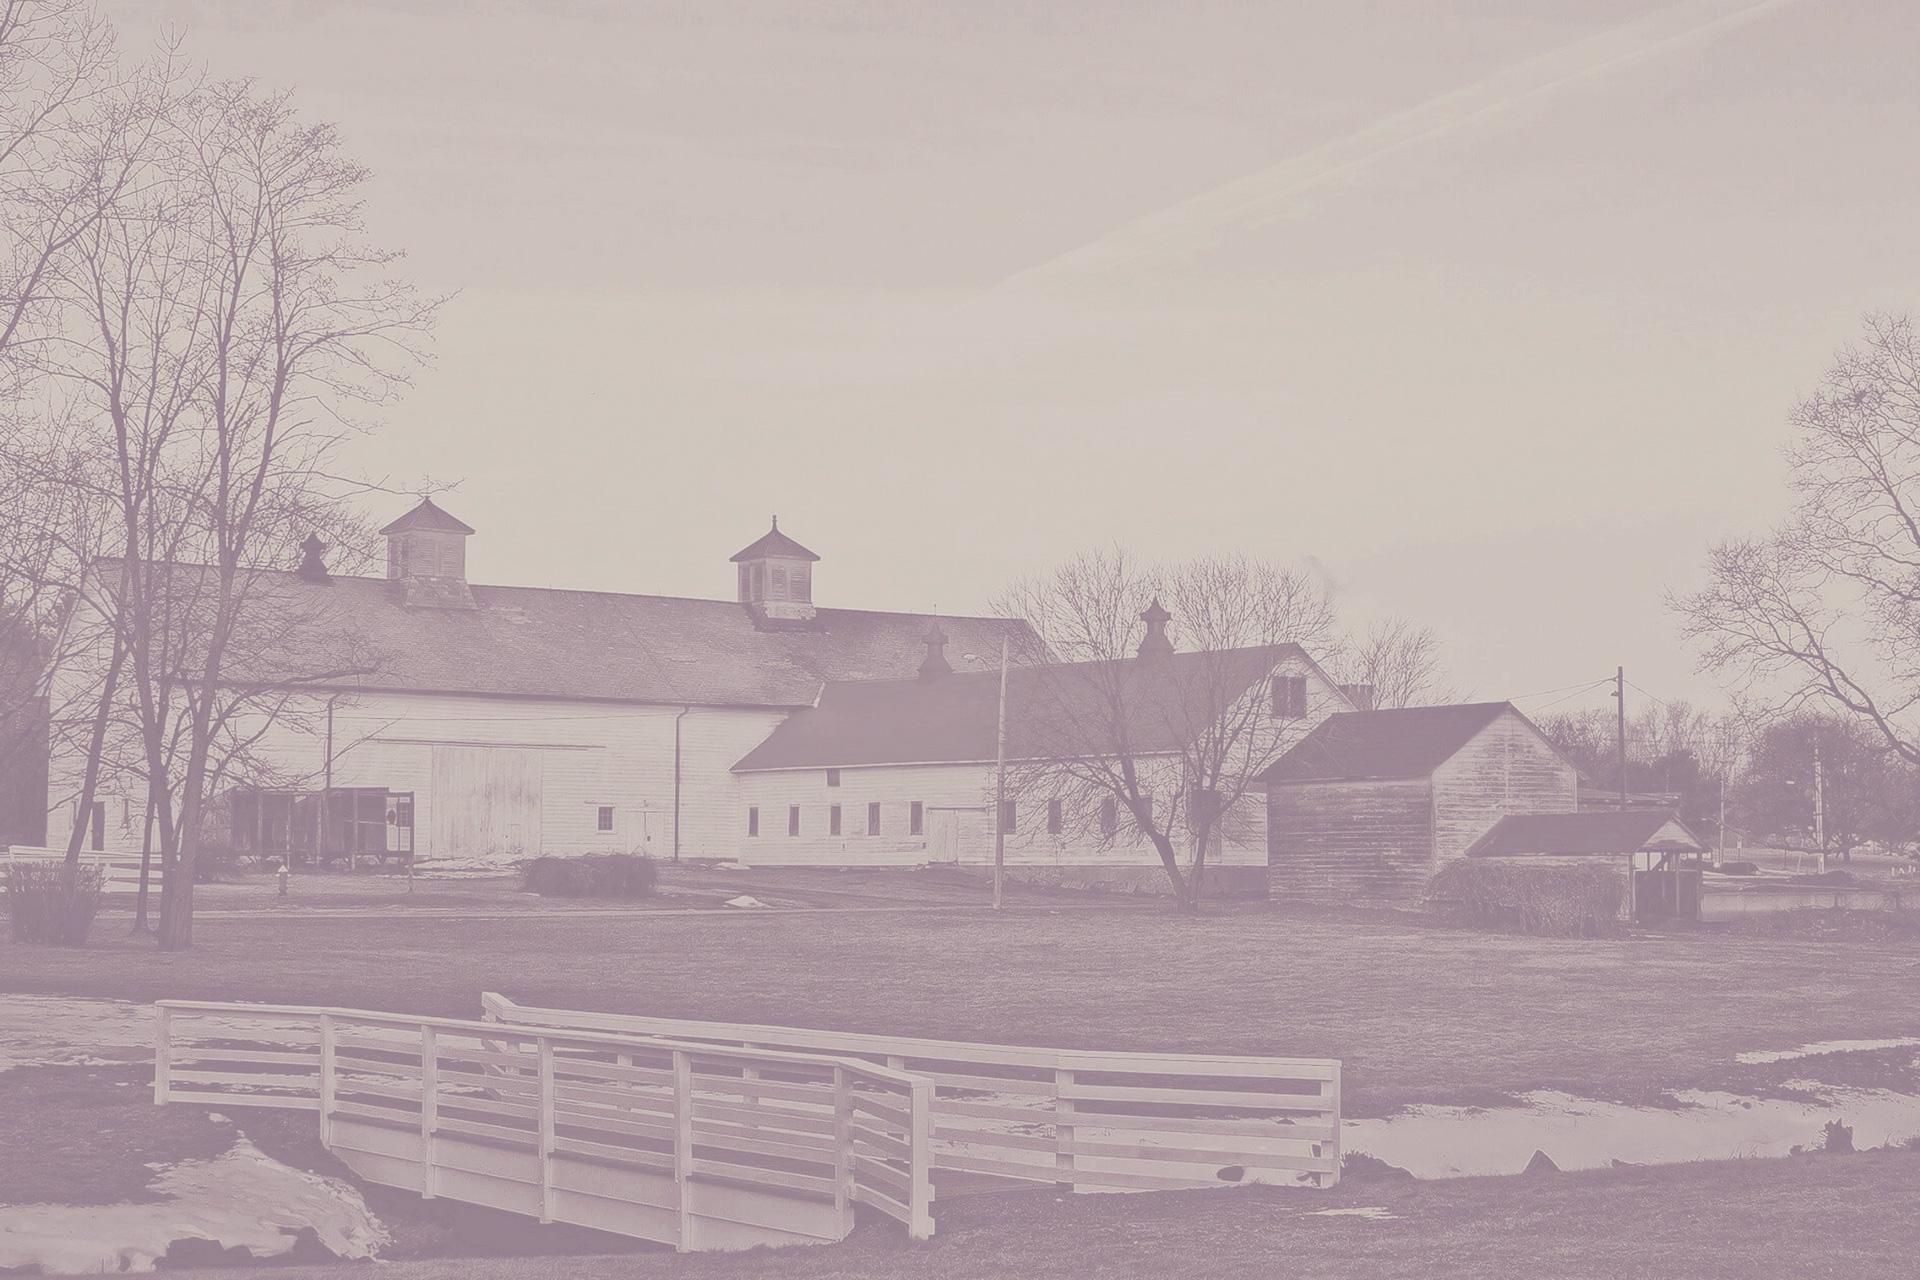 Farmhouse clipart farm community. Shaker heritage society